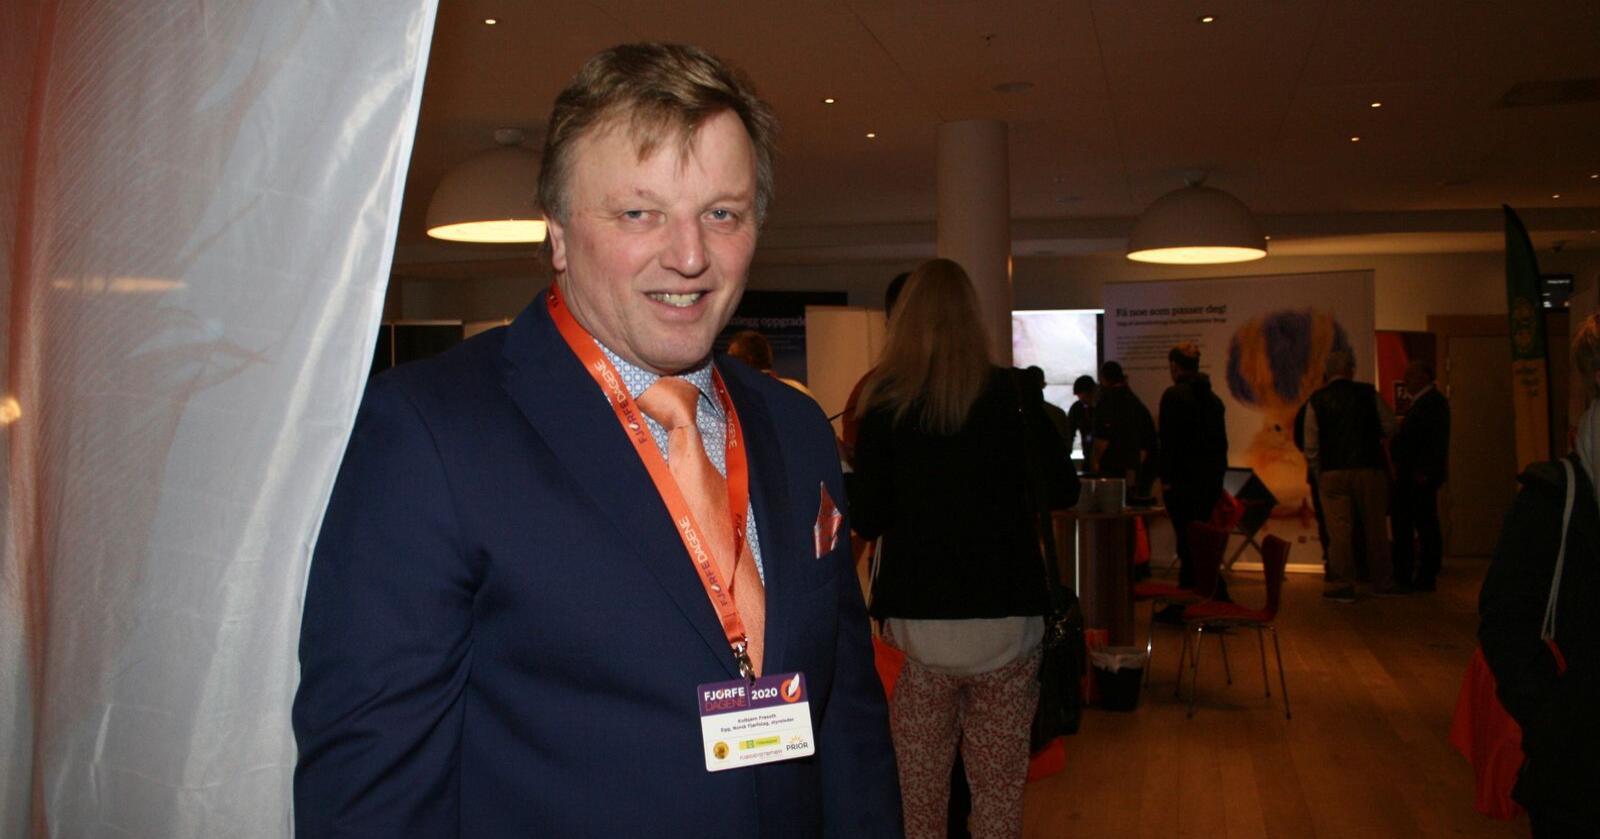 Styreleder i Norsk Fjørfelag, Kolbjørn Frøseth, får fornyet tillit. Foto: Bjarne Bekkeheien Aase